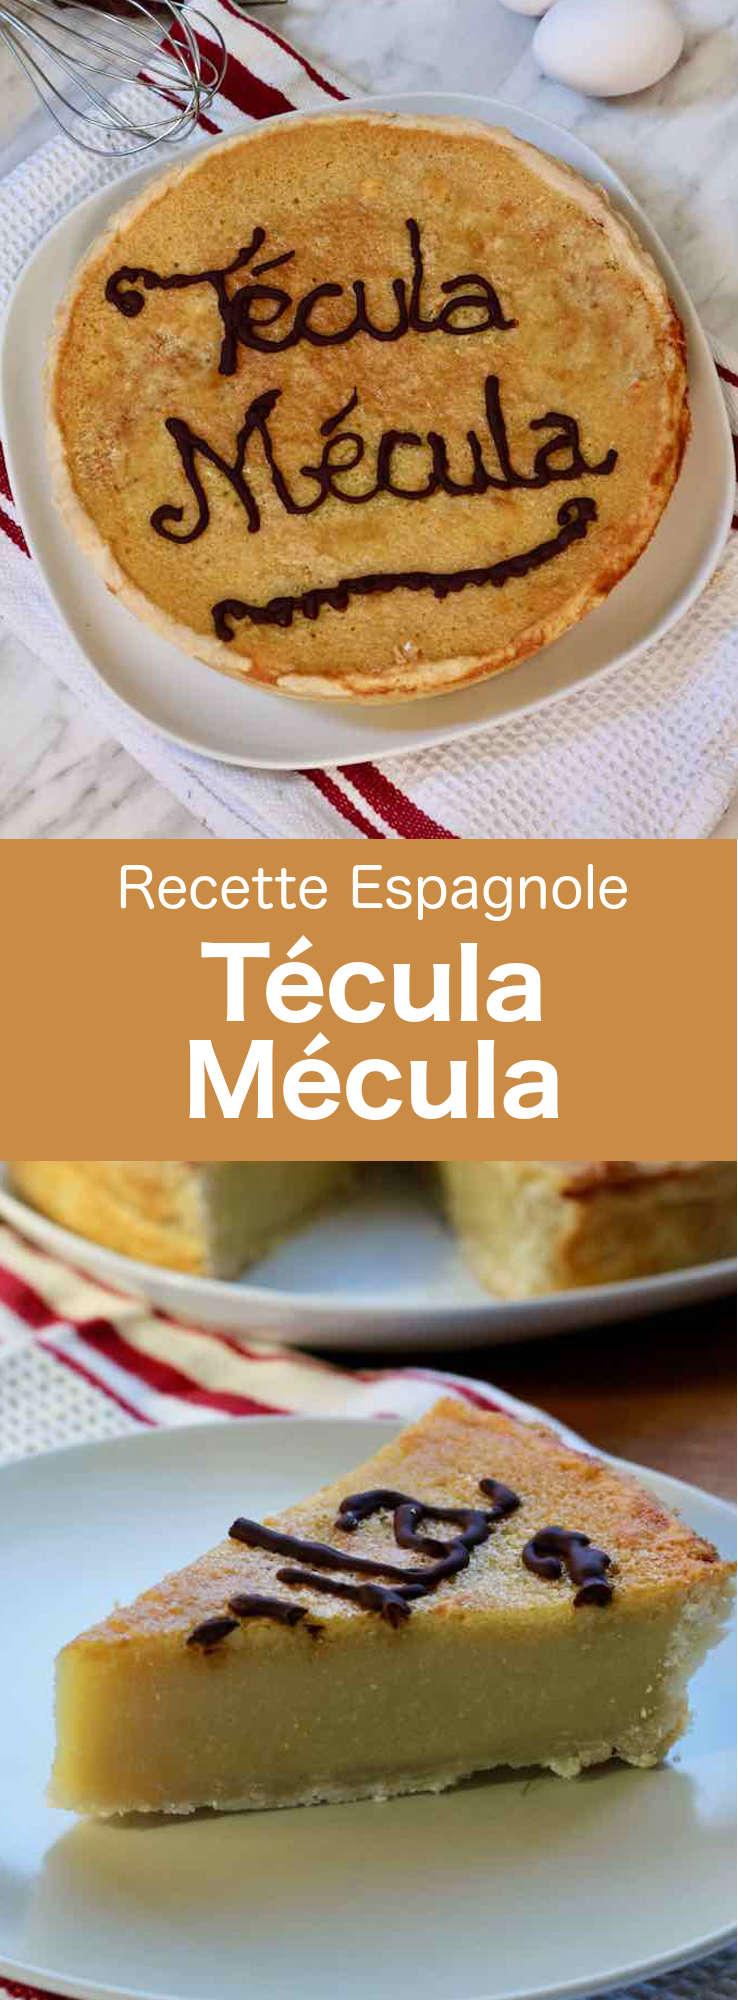 La Técula Mécula est un délicieux dessert traditionnel de la région d'Estrémadure, à l'ouest de l'Espagne, préparé avec de l'amande et des jaunes d'oeufs. #Espagne #CuisineEspagnole #RecetteEspagnole #CuisineDuMonde #196flavors